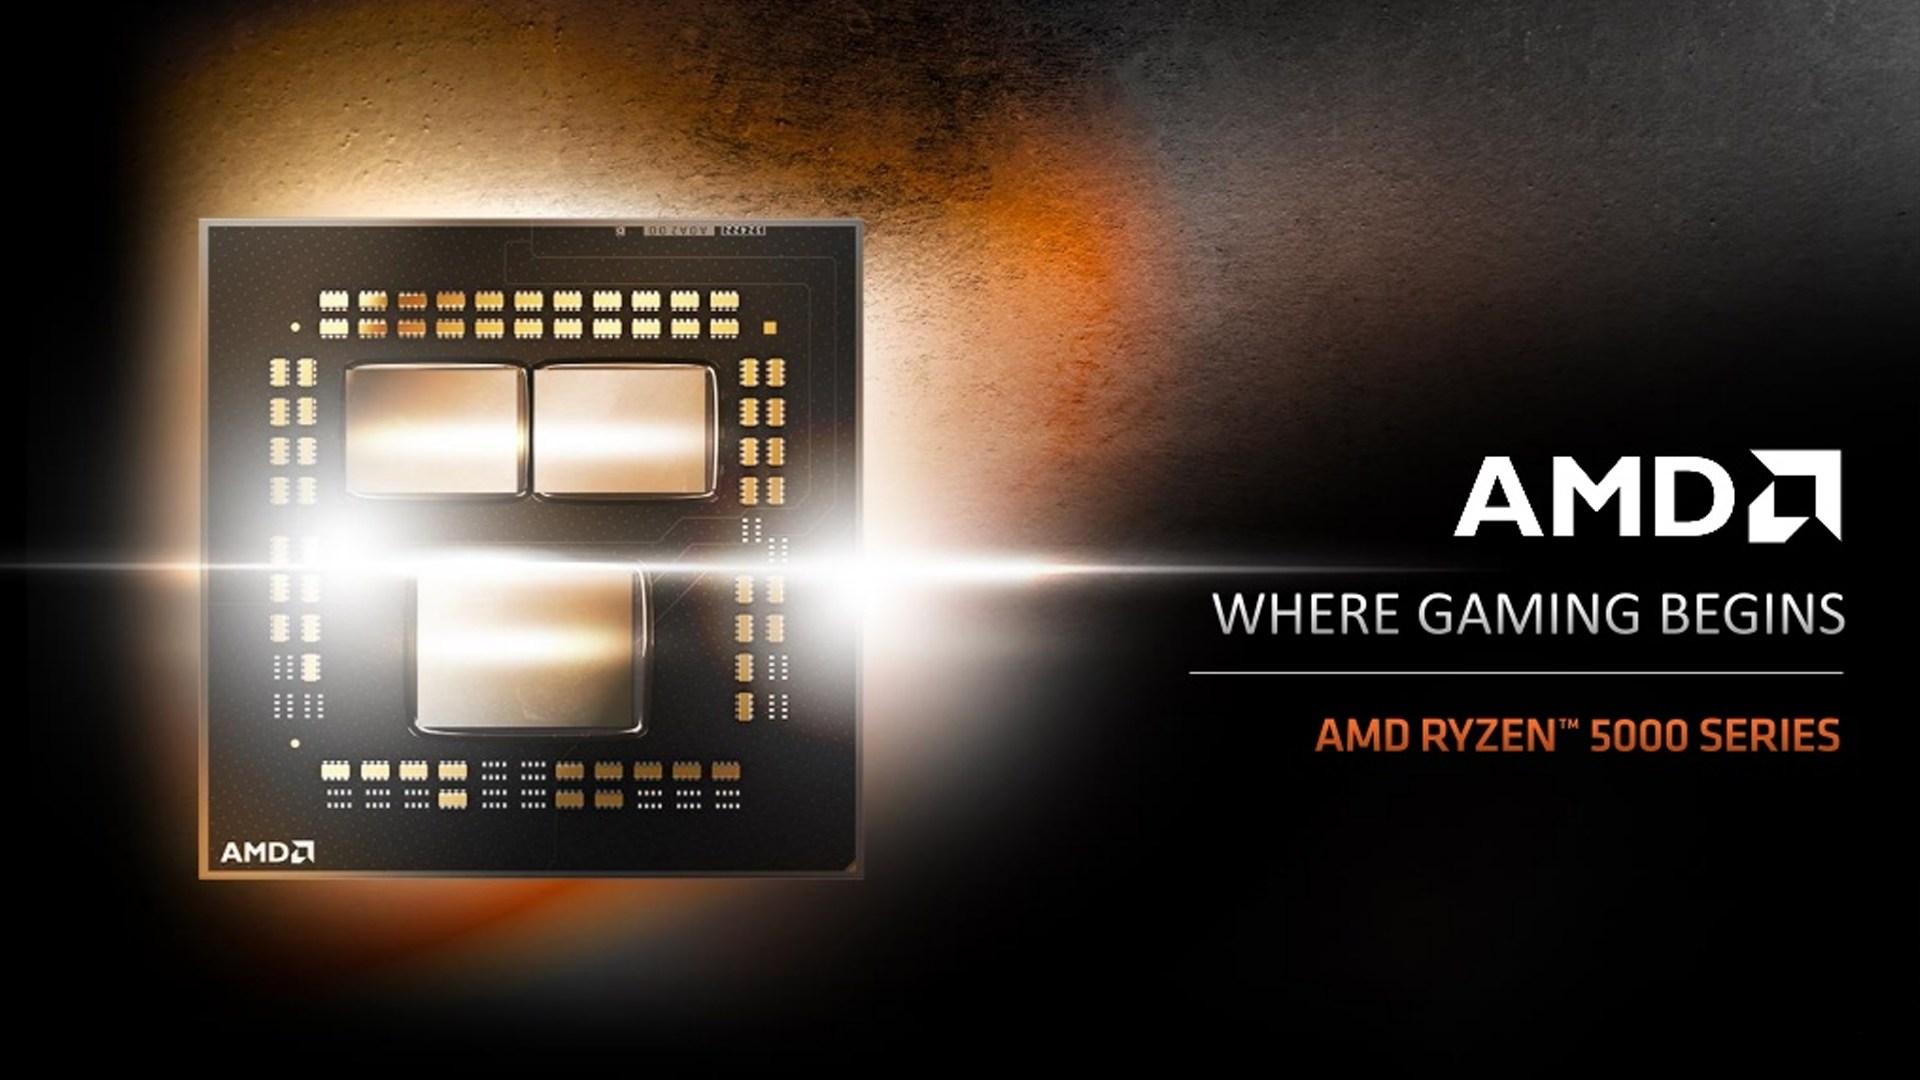 Prozessor, Cpu, Chip, Amd, Ryzen, APU, Zen 3, Cezanne, AMD Ryzen 5000H, AMD Ryzen 5000U, AMD Ryzen 5000HS, AMD Ryzen 5000HX